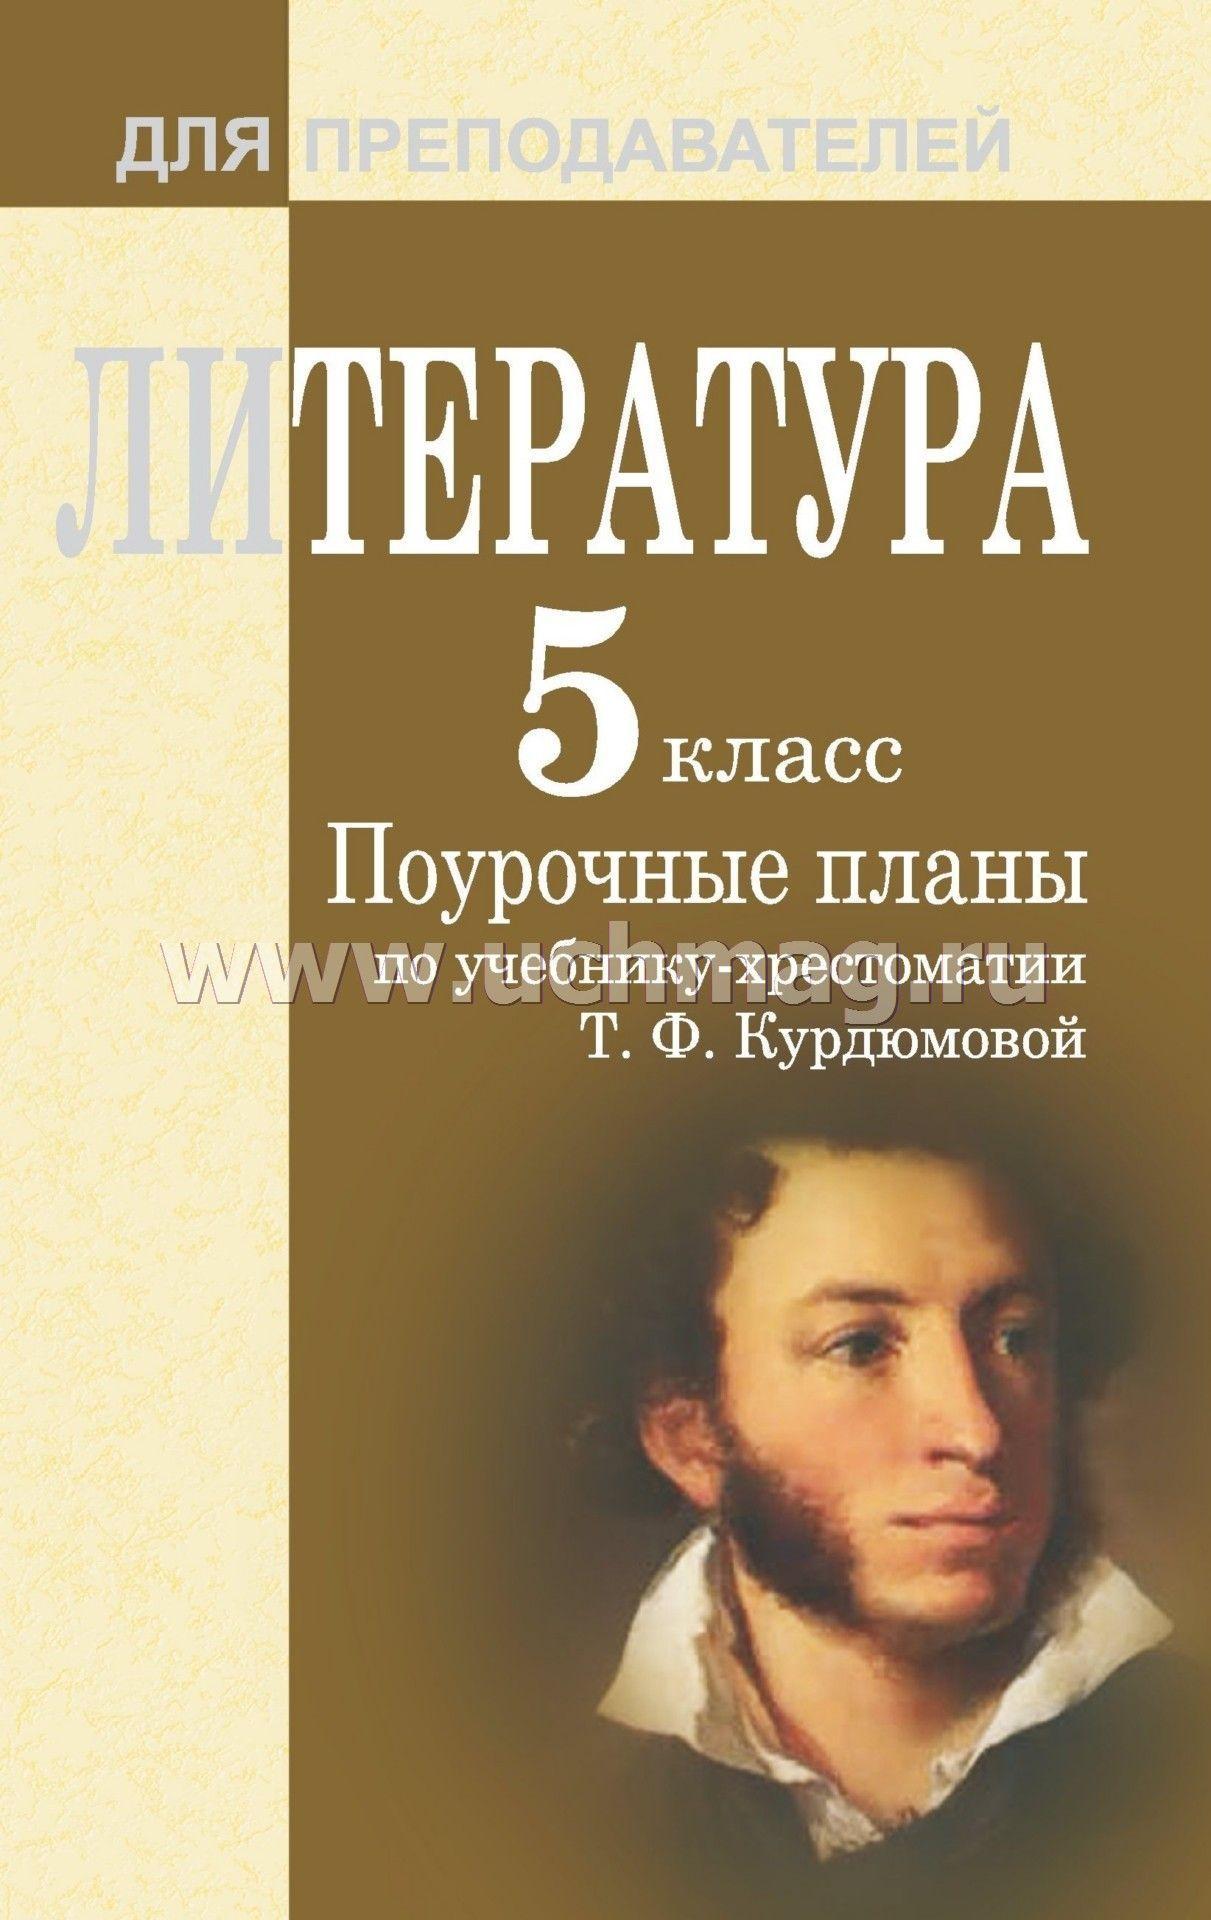 Литература 5 класс кутузов